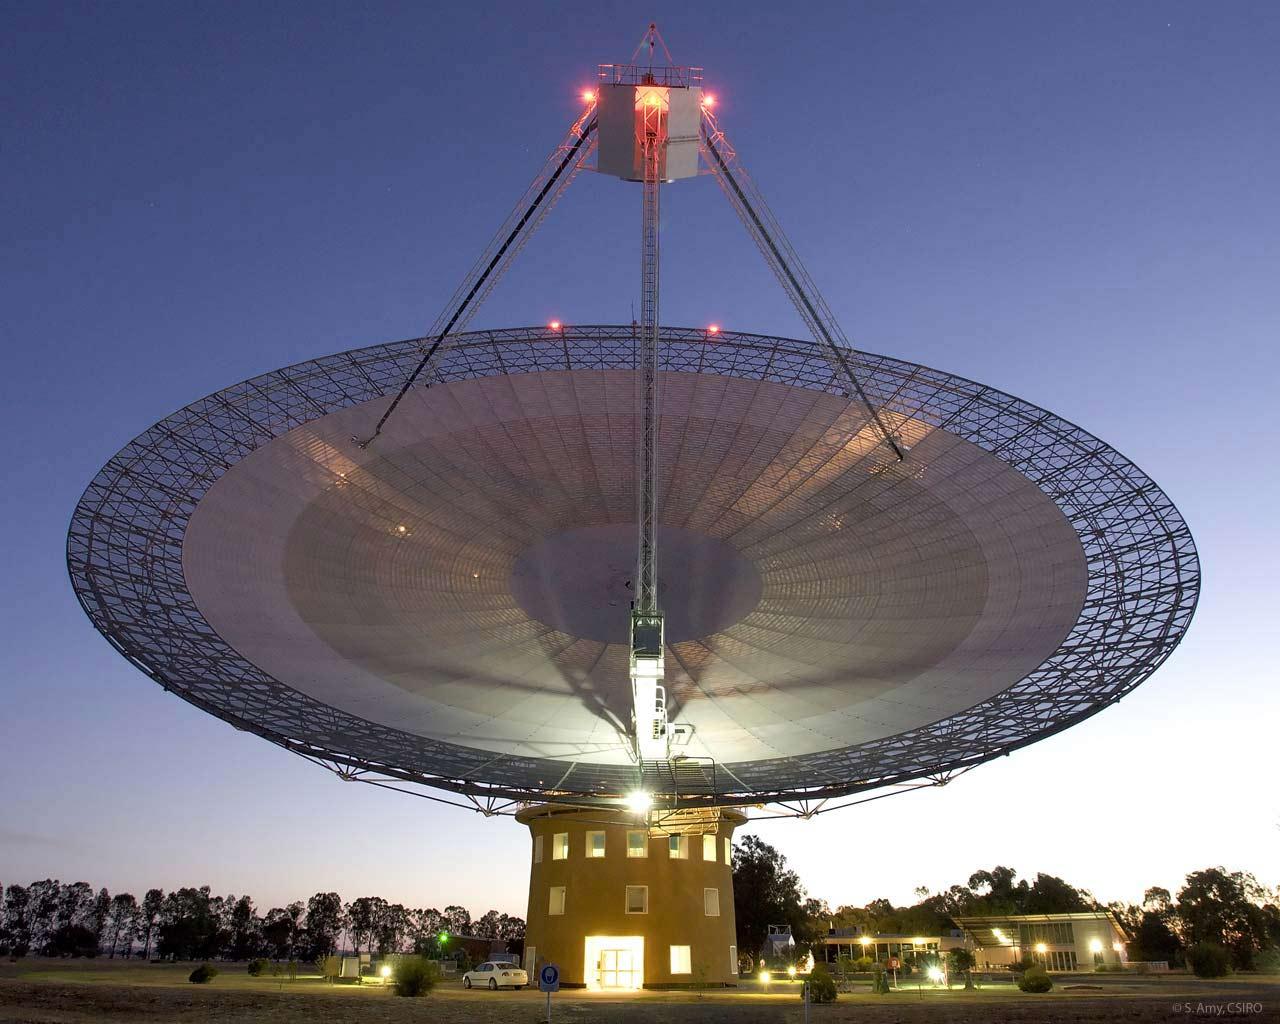 パークス天文台の64m電波望遠鏡(Credit: S.Amy, CSIRO)